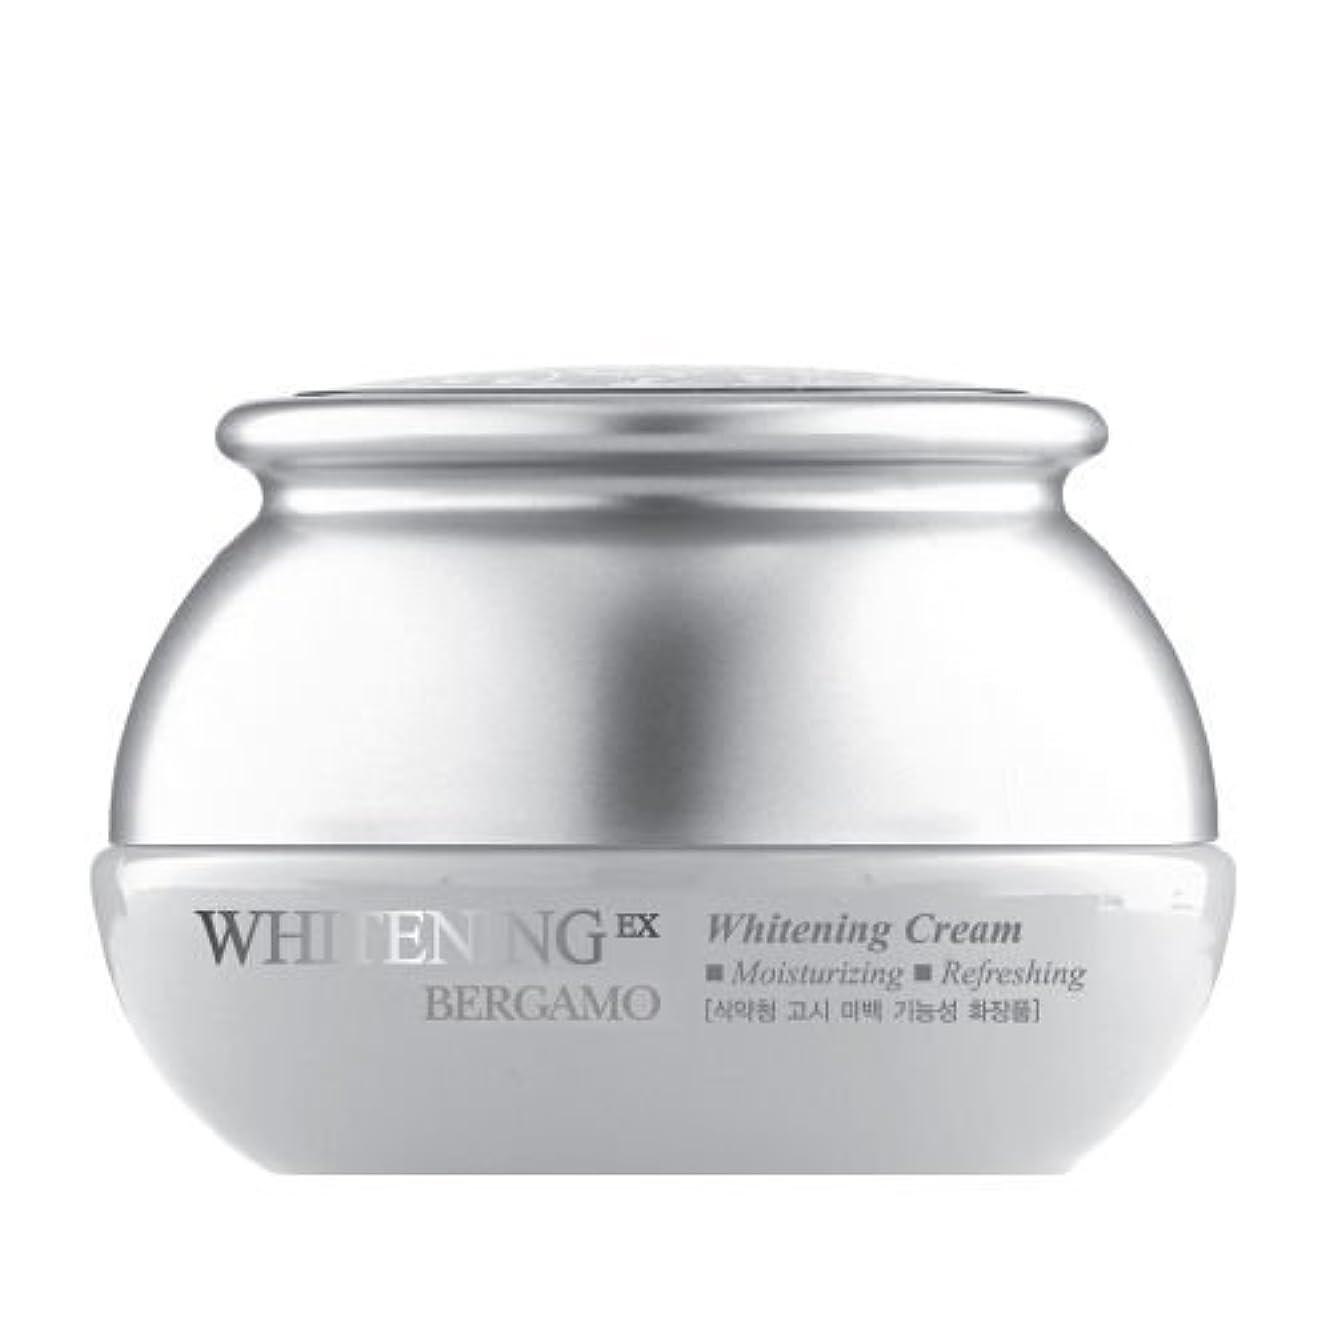 提案するステレオ前文ベルガモ[韓国コスメBergamo]Whitening EX Wrinkle Care Cream ホワイトニングEXリンクルケアクリーム50ml しわ管理 [並行輸入品]